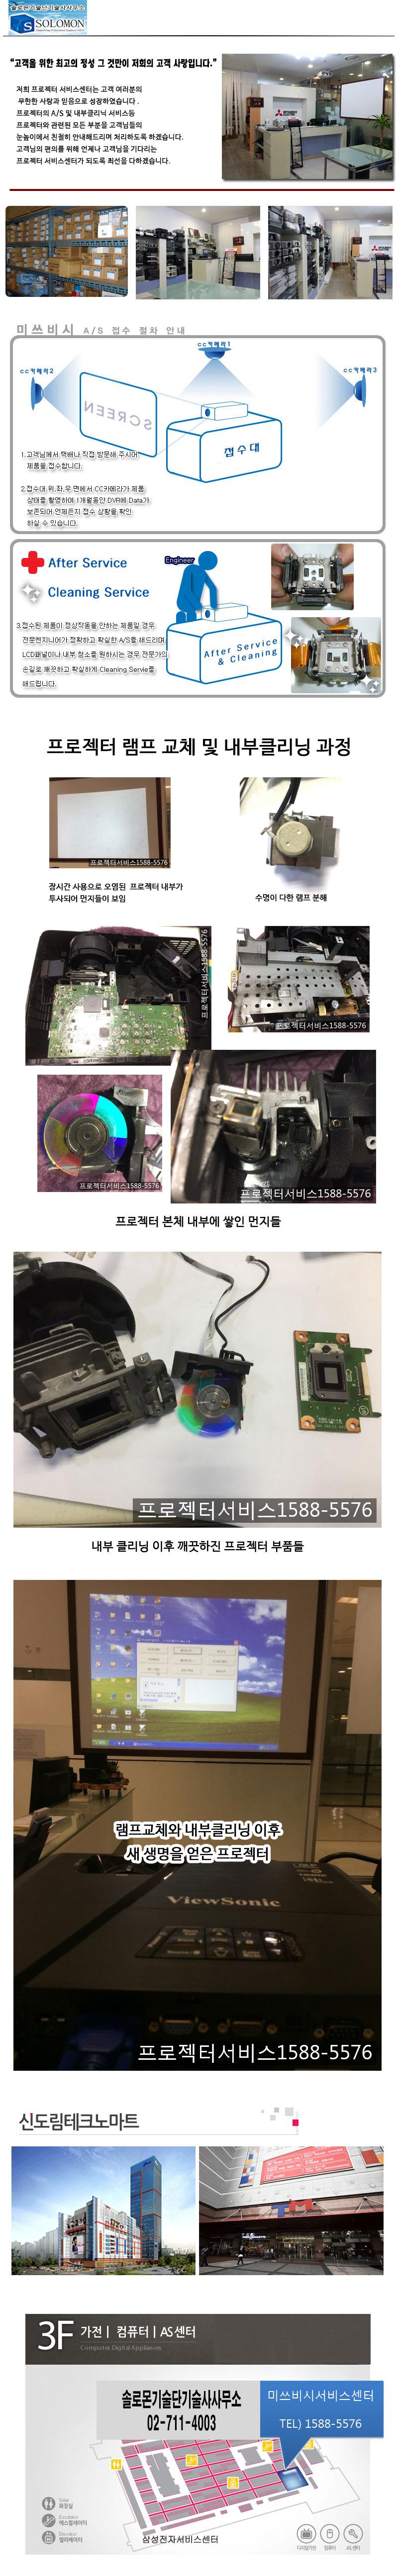 뷰소닉(ViewSonic) 프로젝터 모델번호 VS15875 전용 램프